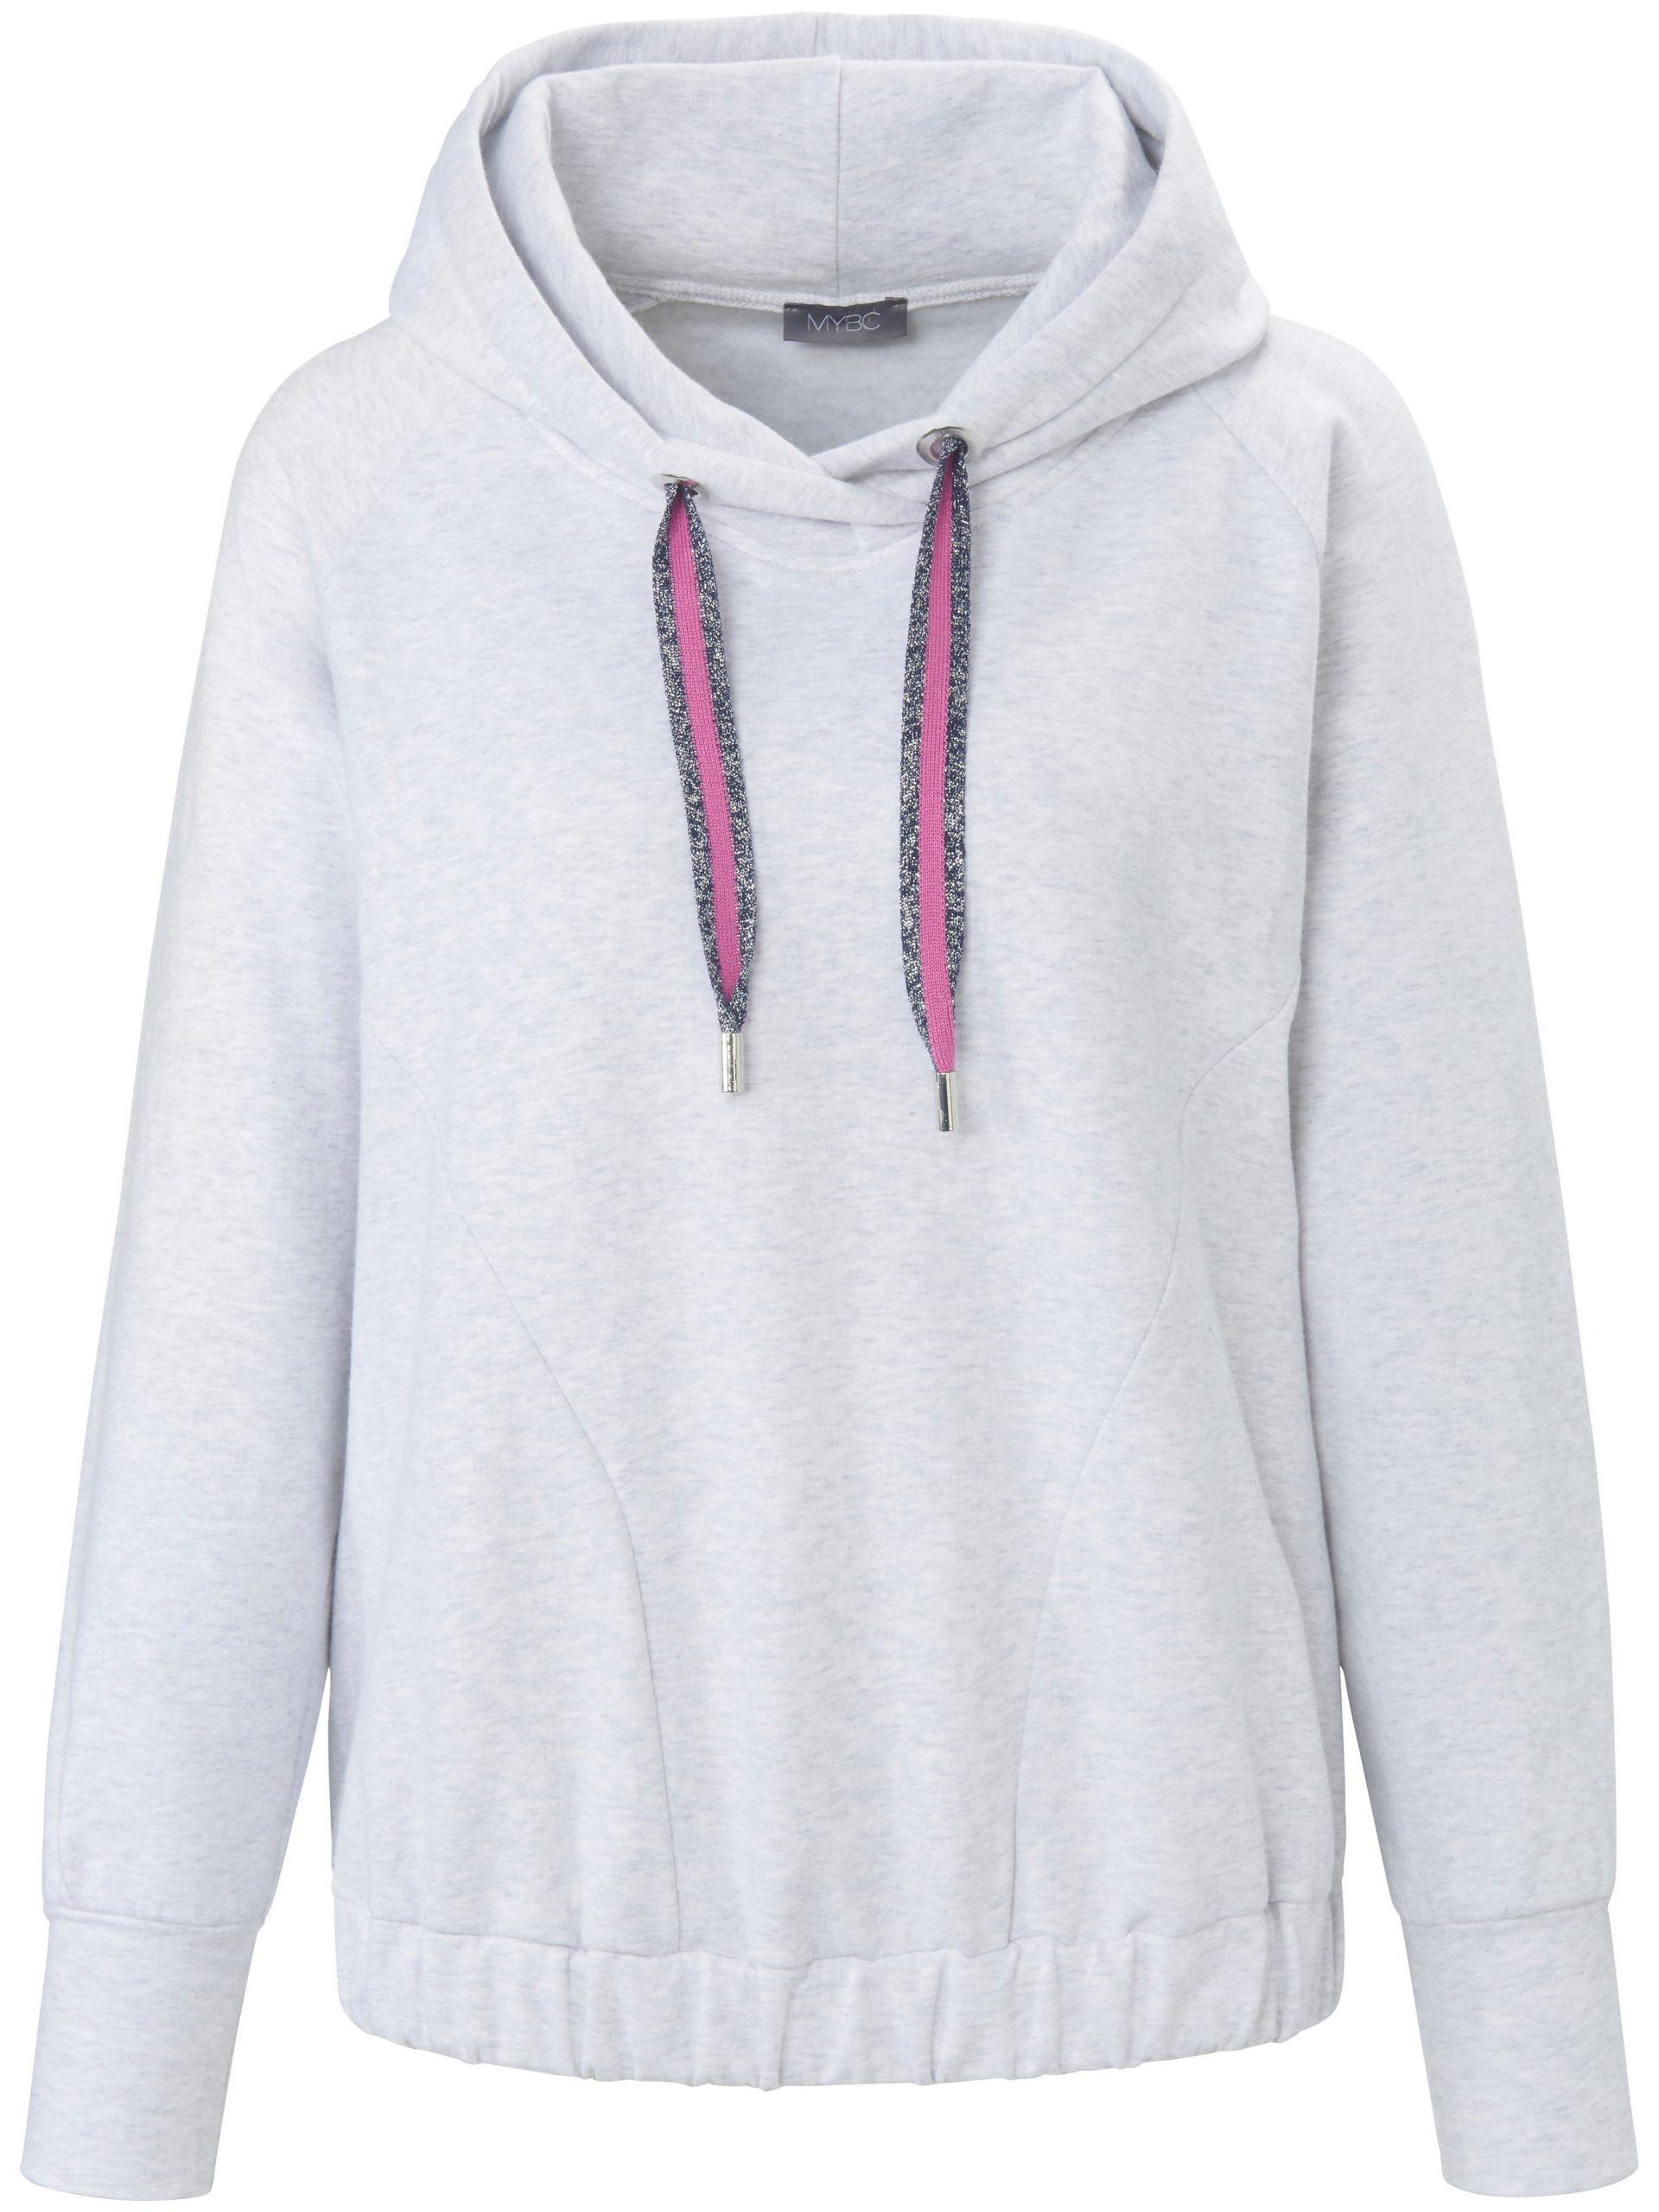 Sweatshirt met capuchon en lange raglanmouwen Van MYBC grijs Kopen